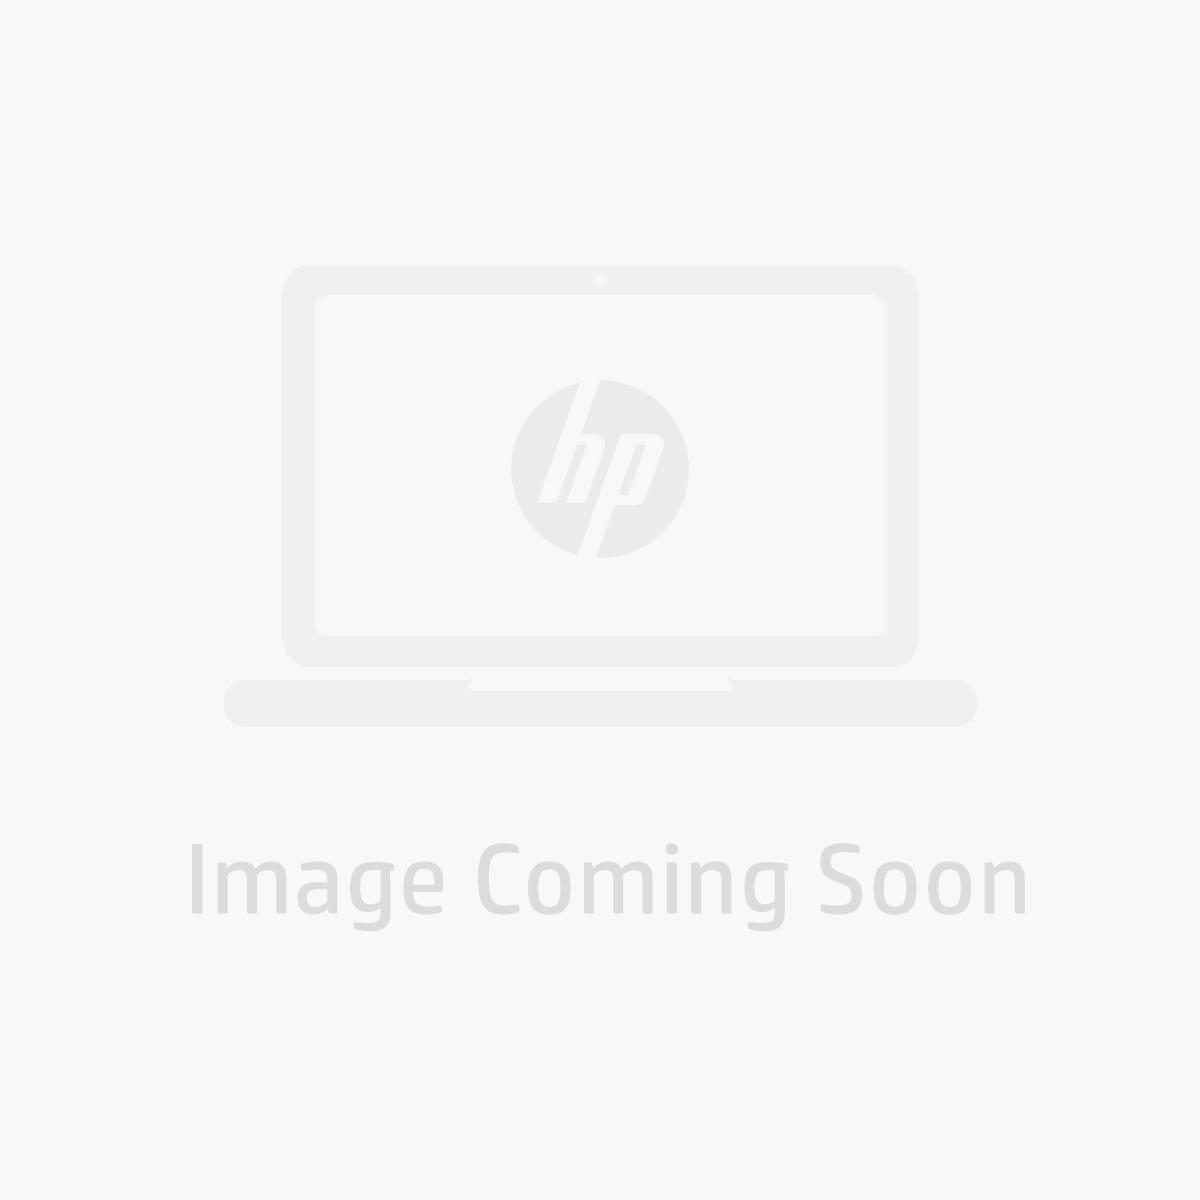 HP EliteDesk 800 Desktop i7-8700 in Black